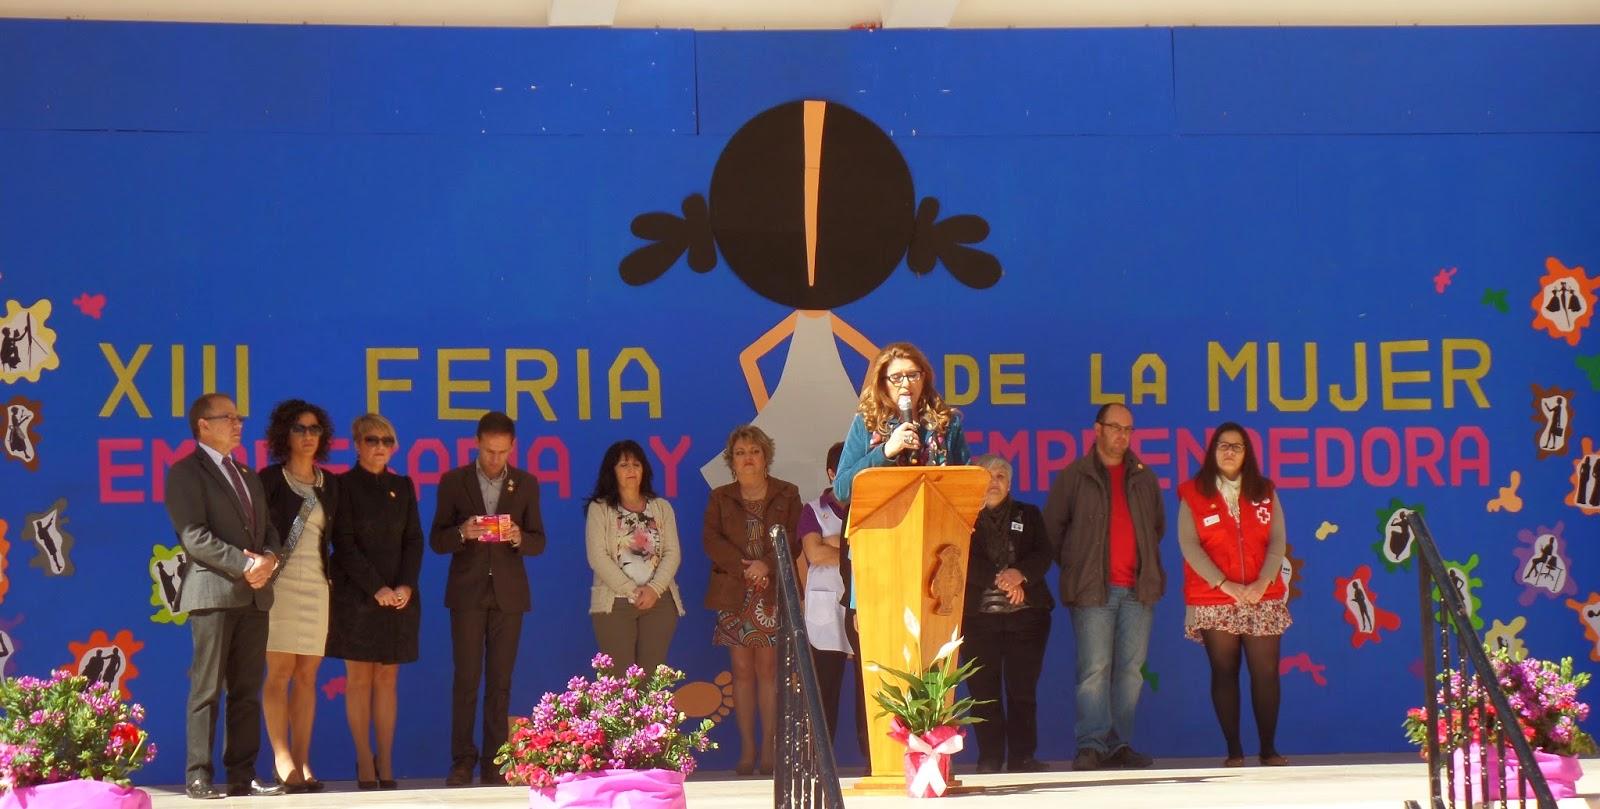 El Blog de María Serralba - XIII Feria de la Mujer 2014 Pinoso